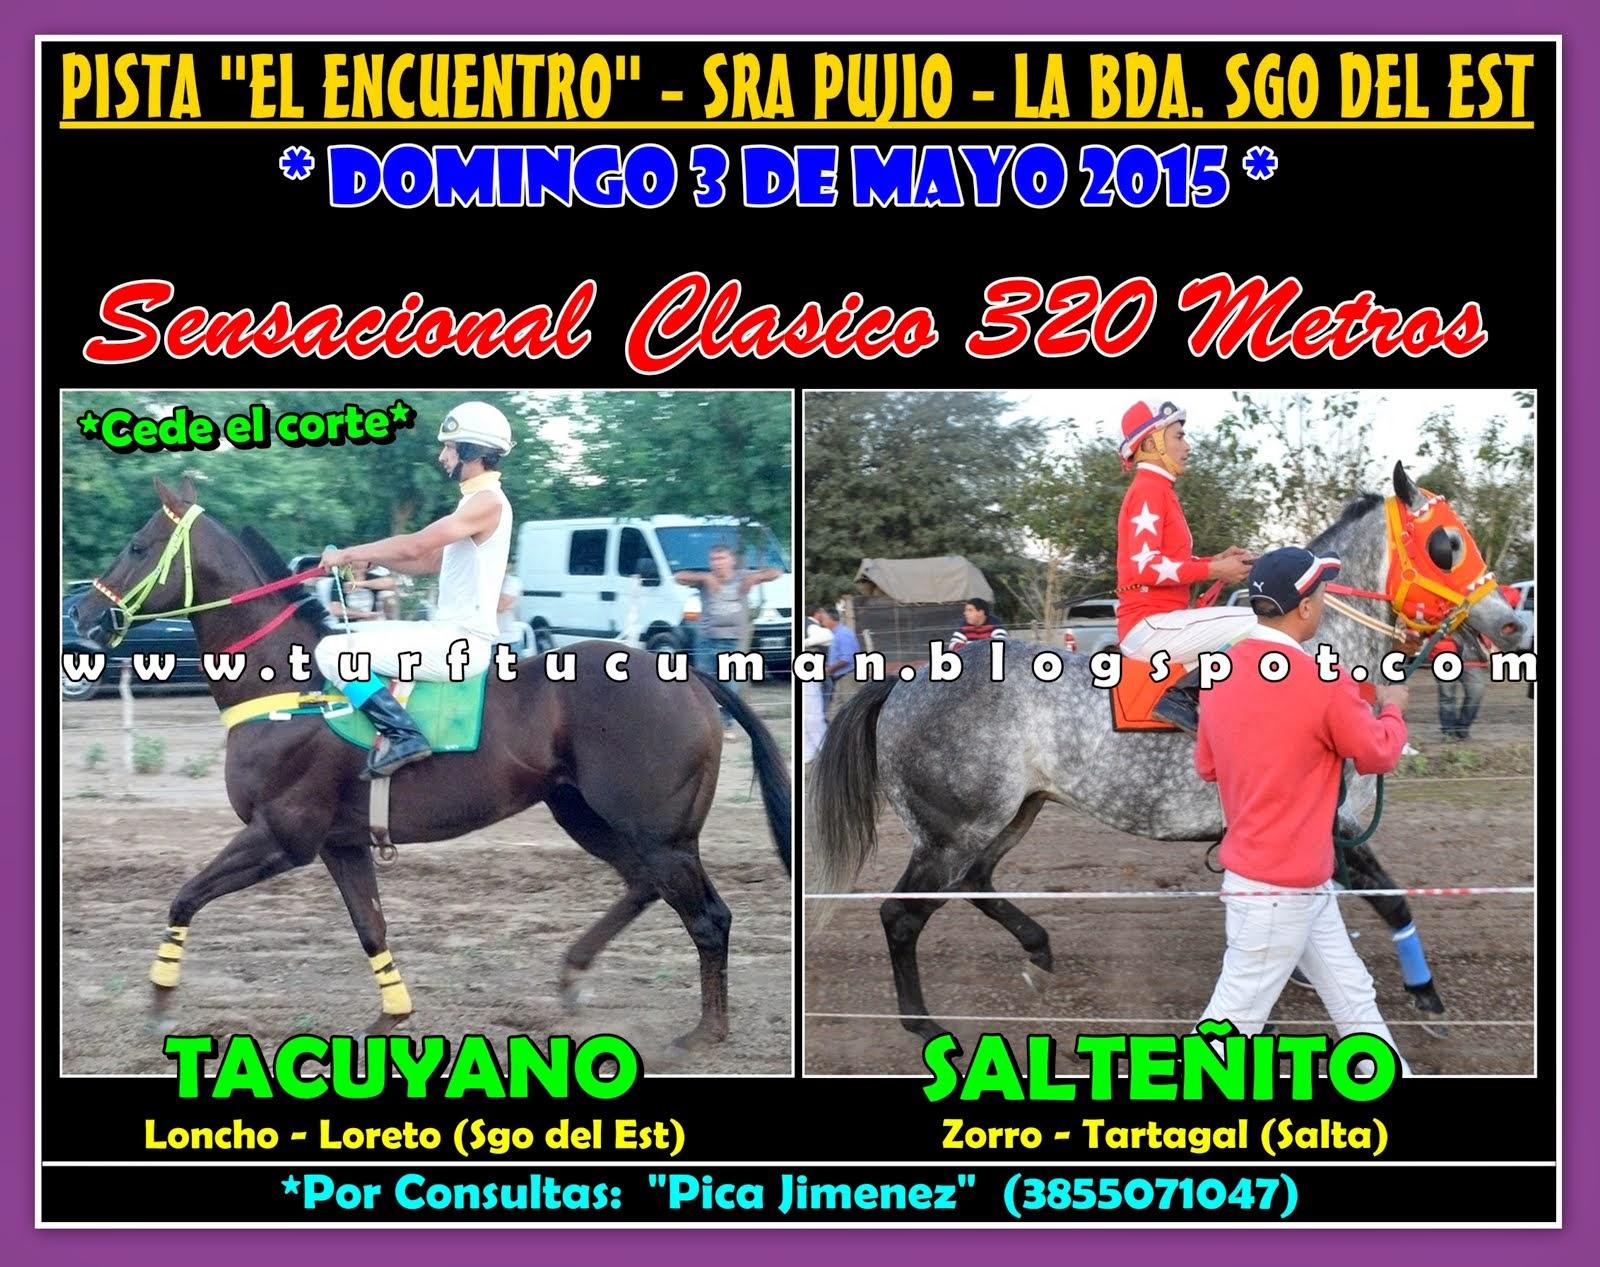 TACUYANO VS SALTEÑITO